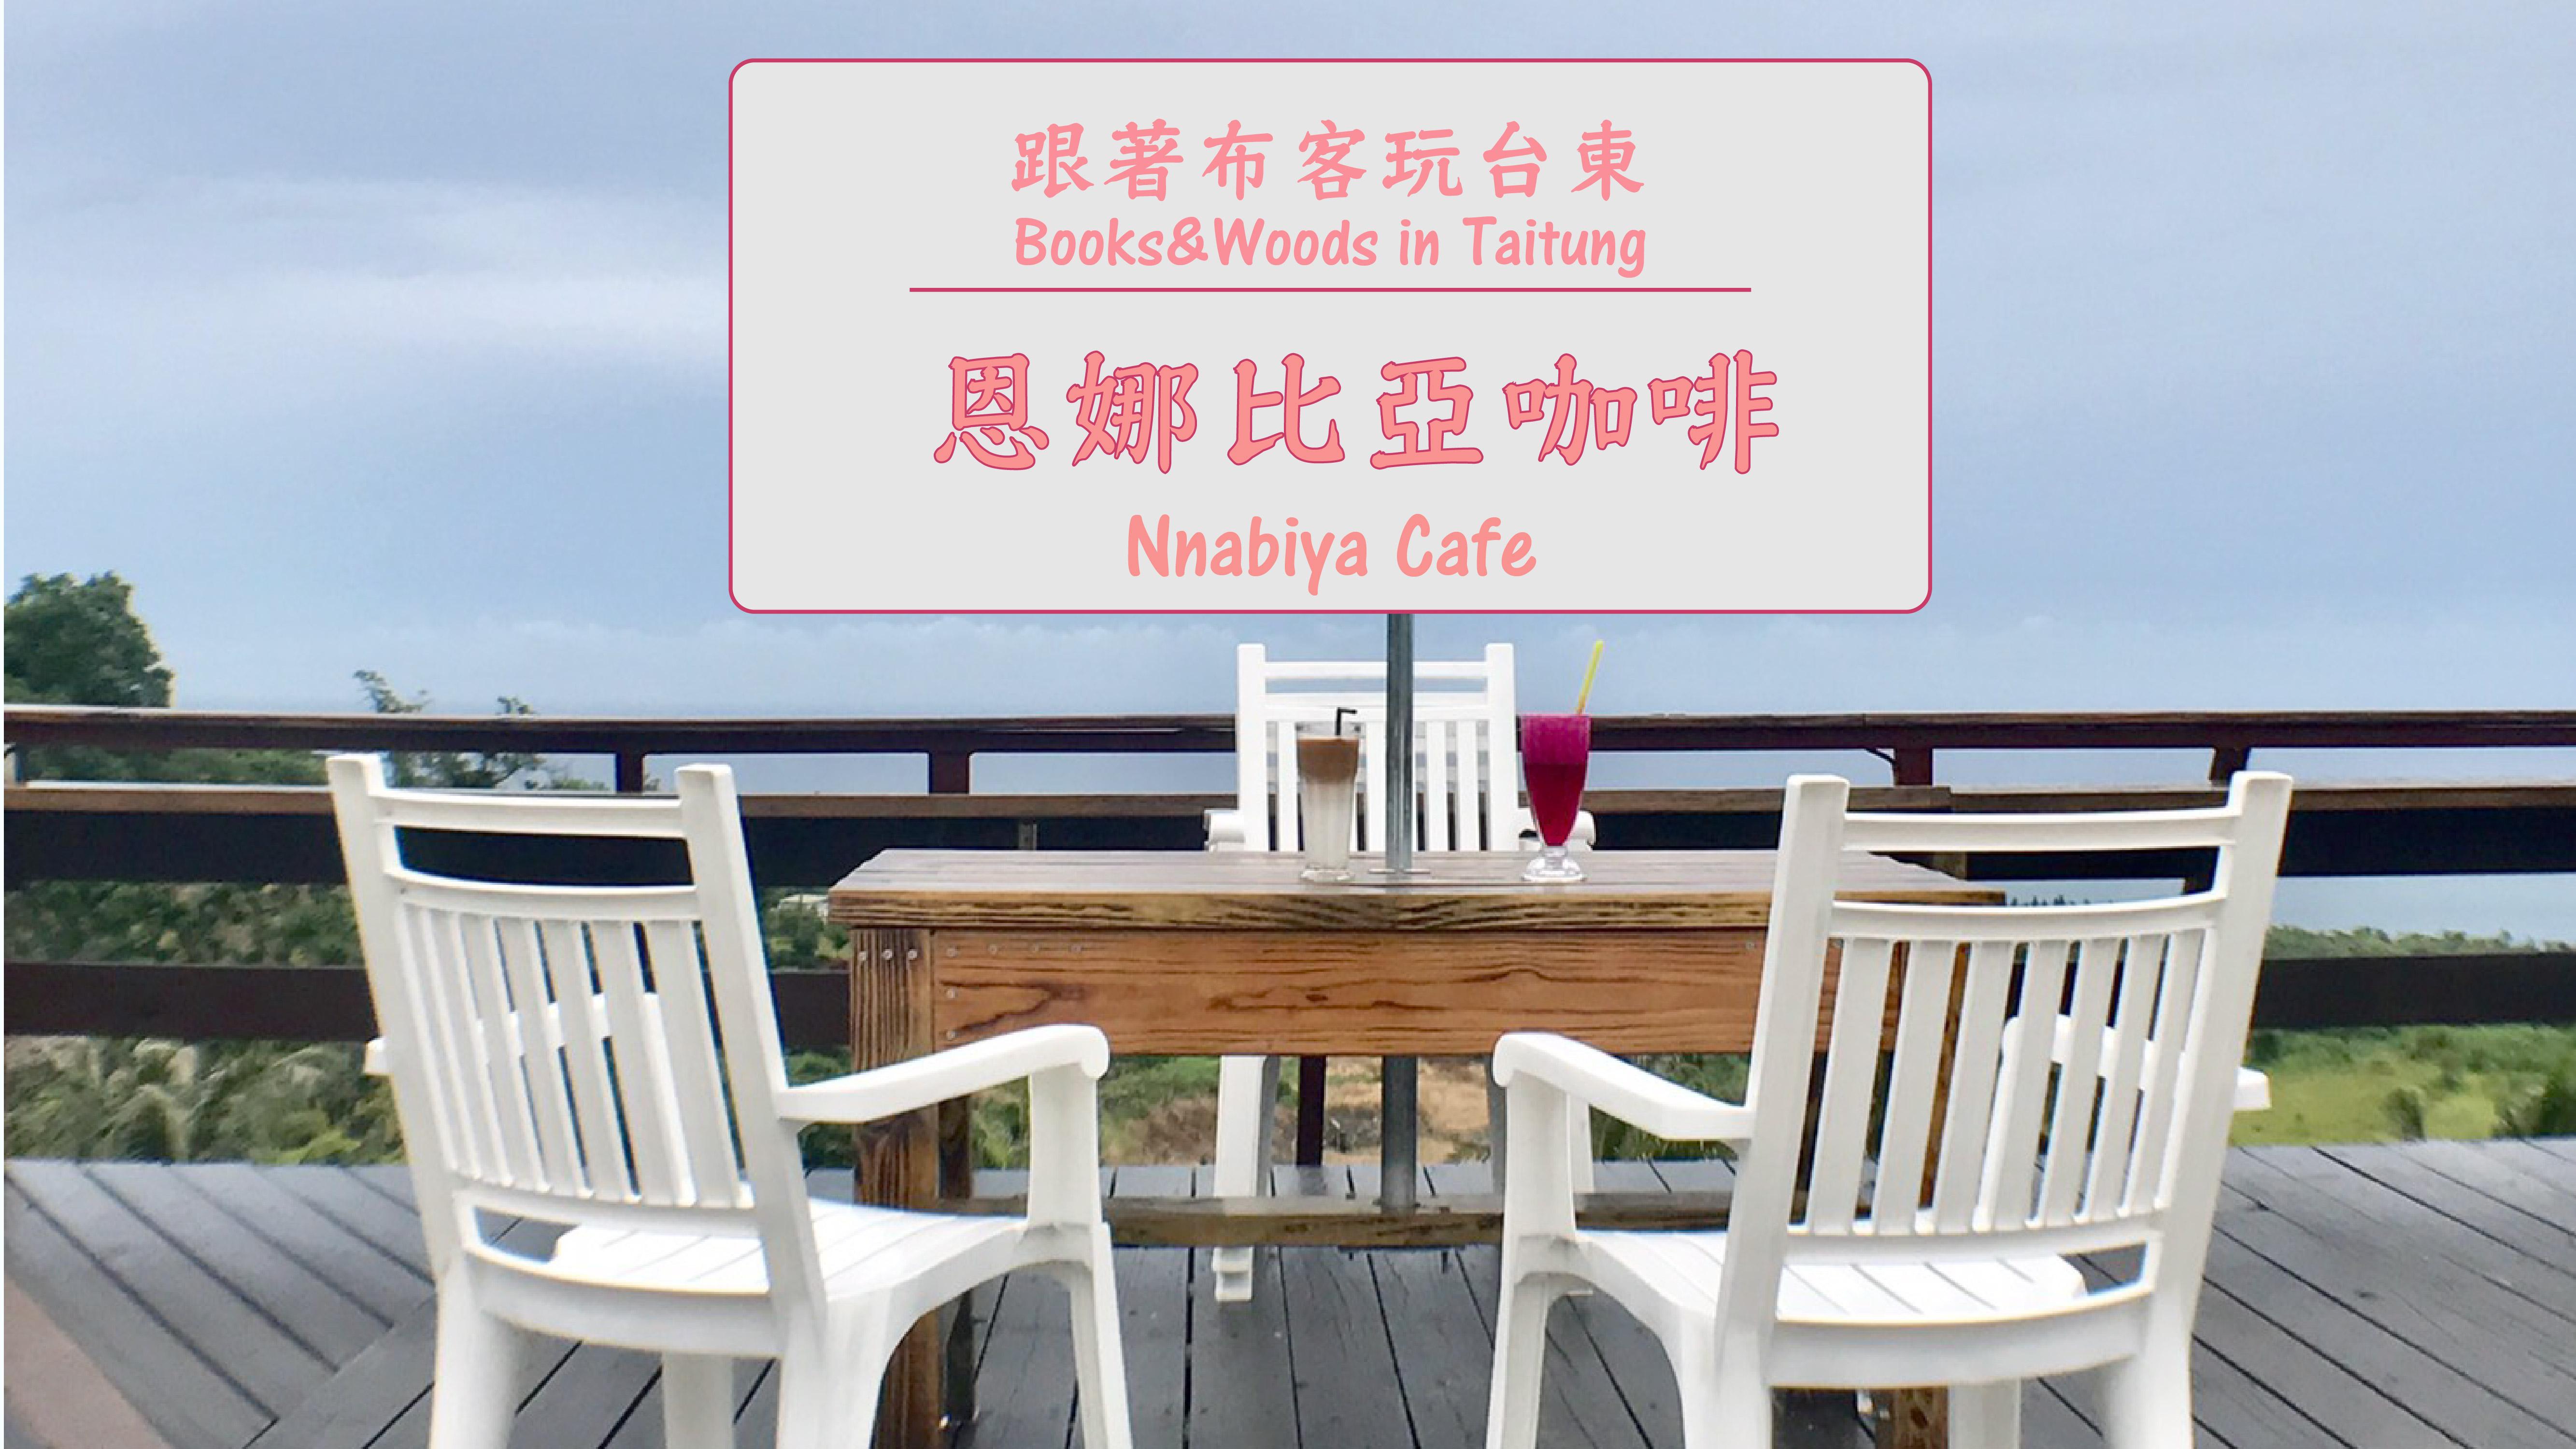 【都蘭景點】 秘境咖啡 恩娜比亞/看海發呆的好地方/台東景點